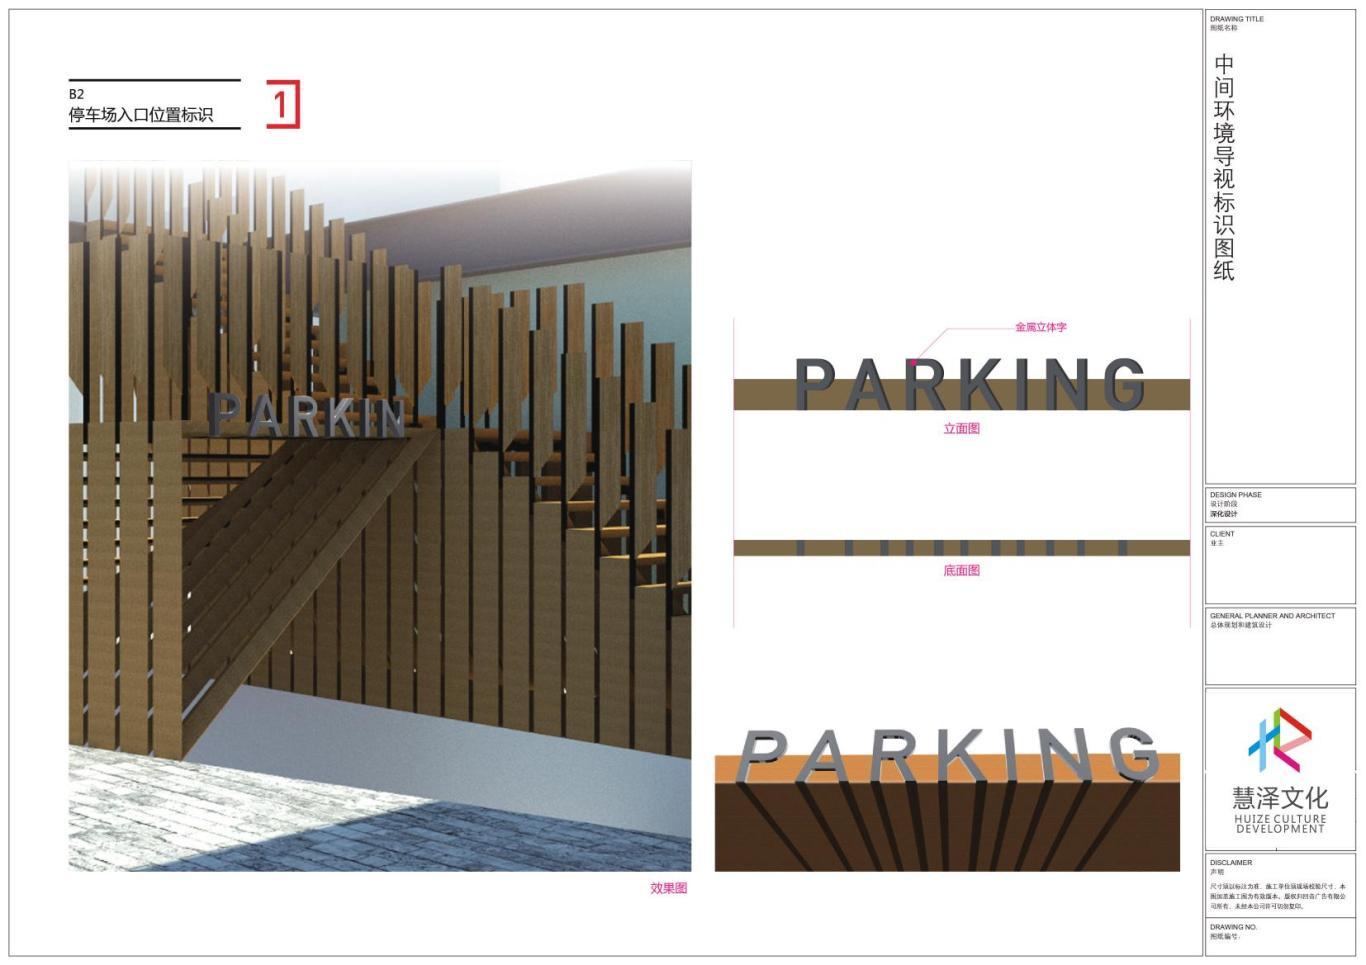 中间坊-商业导视系统深化设计图7